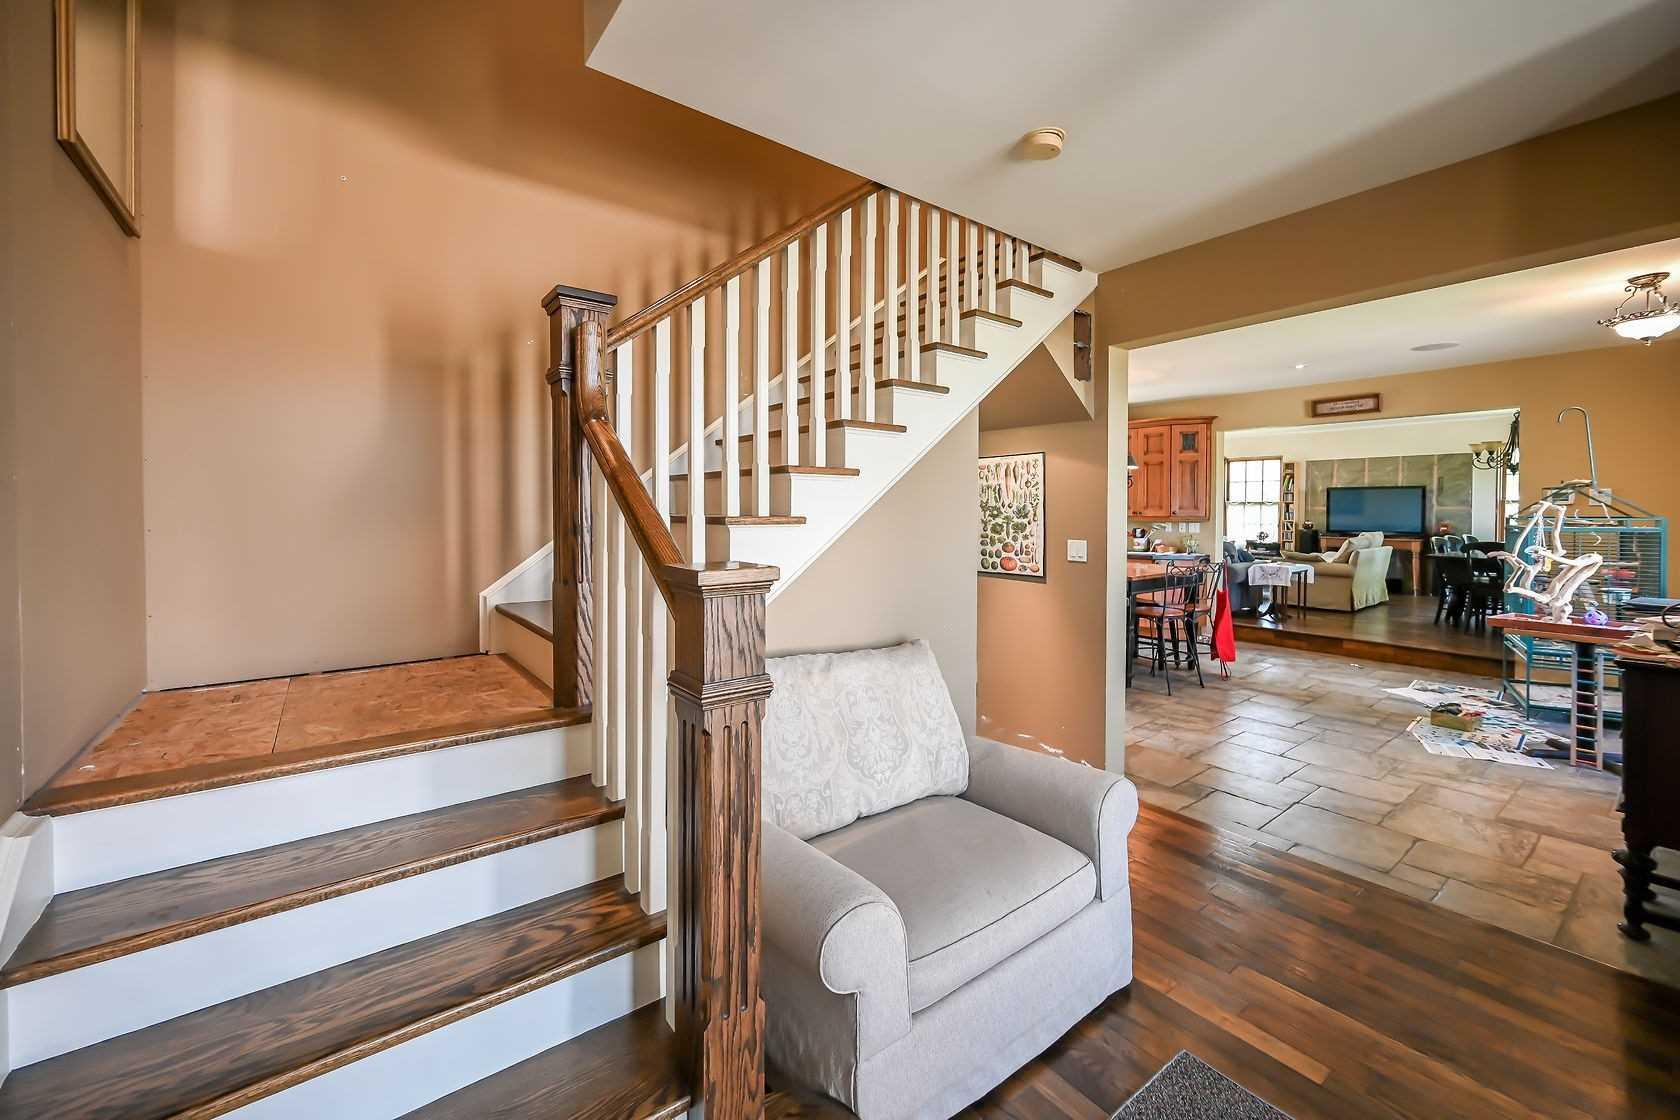 Detached house For Sale In Hamilton - 254 Garner Rd, Hamilton, Ontario, Canada L9G 3K9 , 3 Bedrooms Bedrooms, ,2 BathroomsBathrooms,Detached,For Sale,Garner